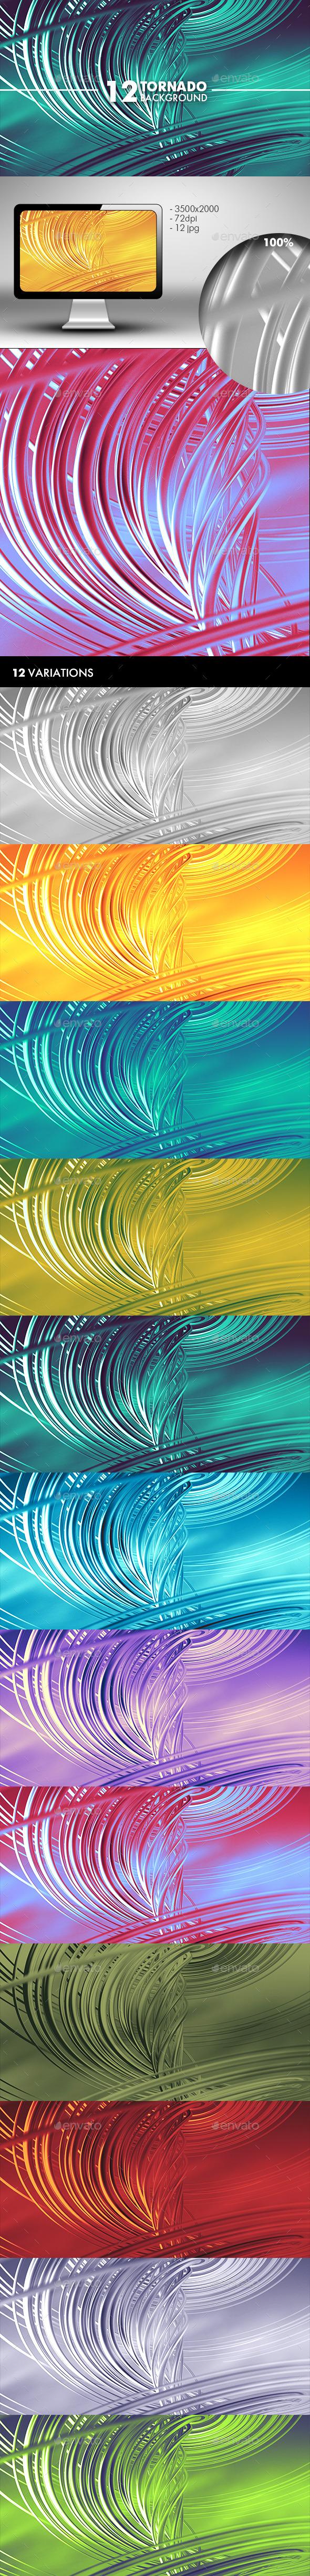 GraphicRiver Twist Background 11315389